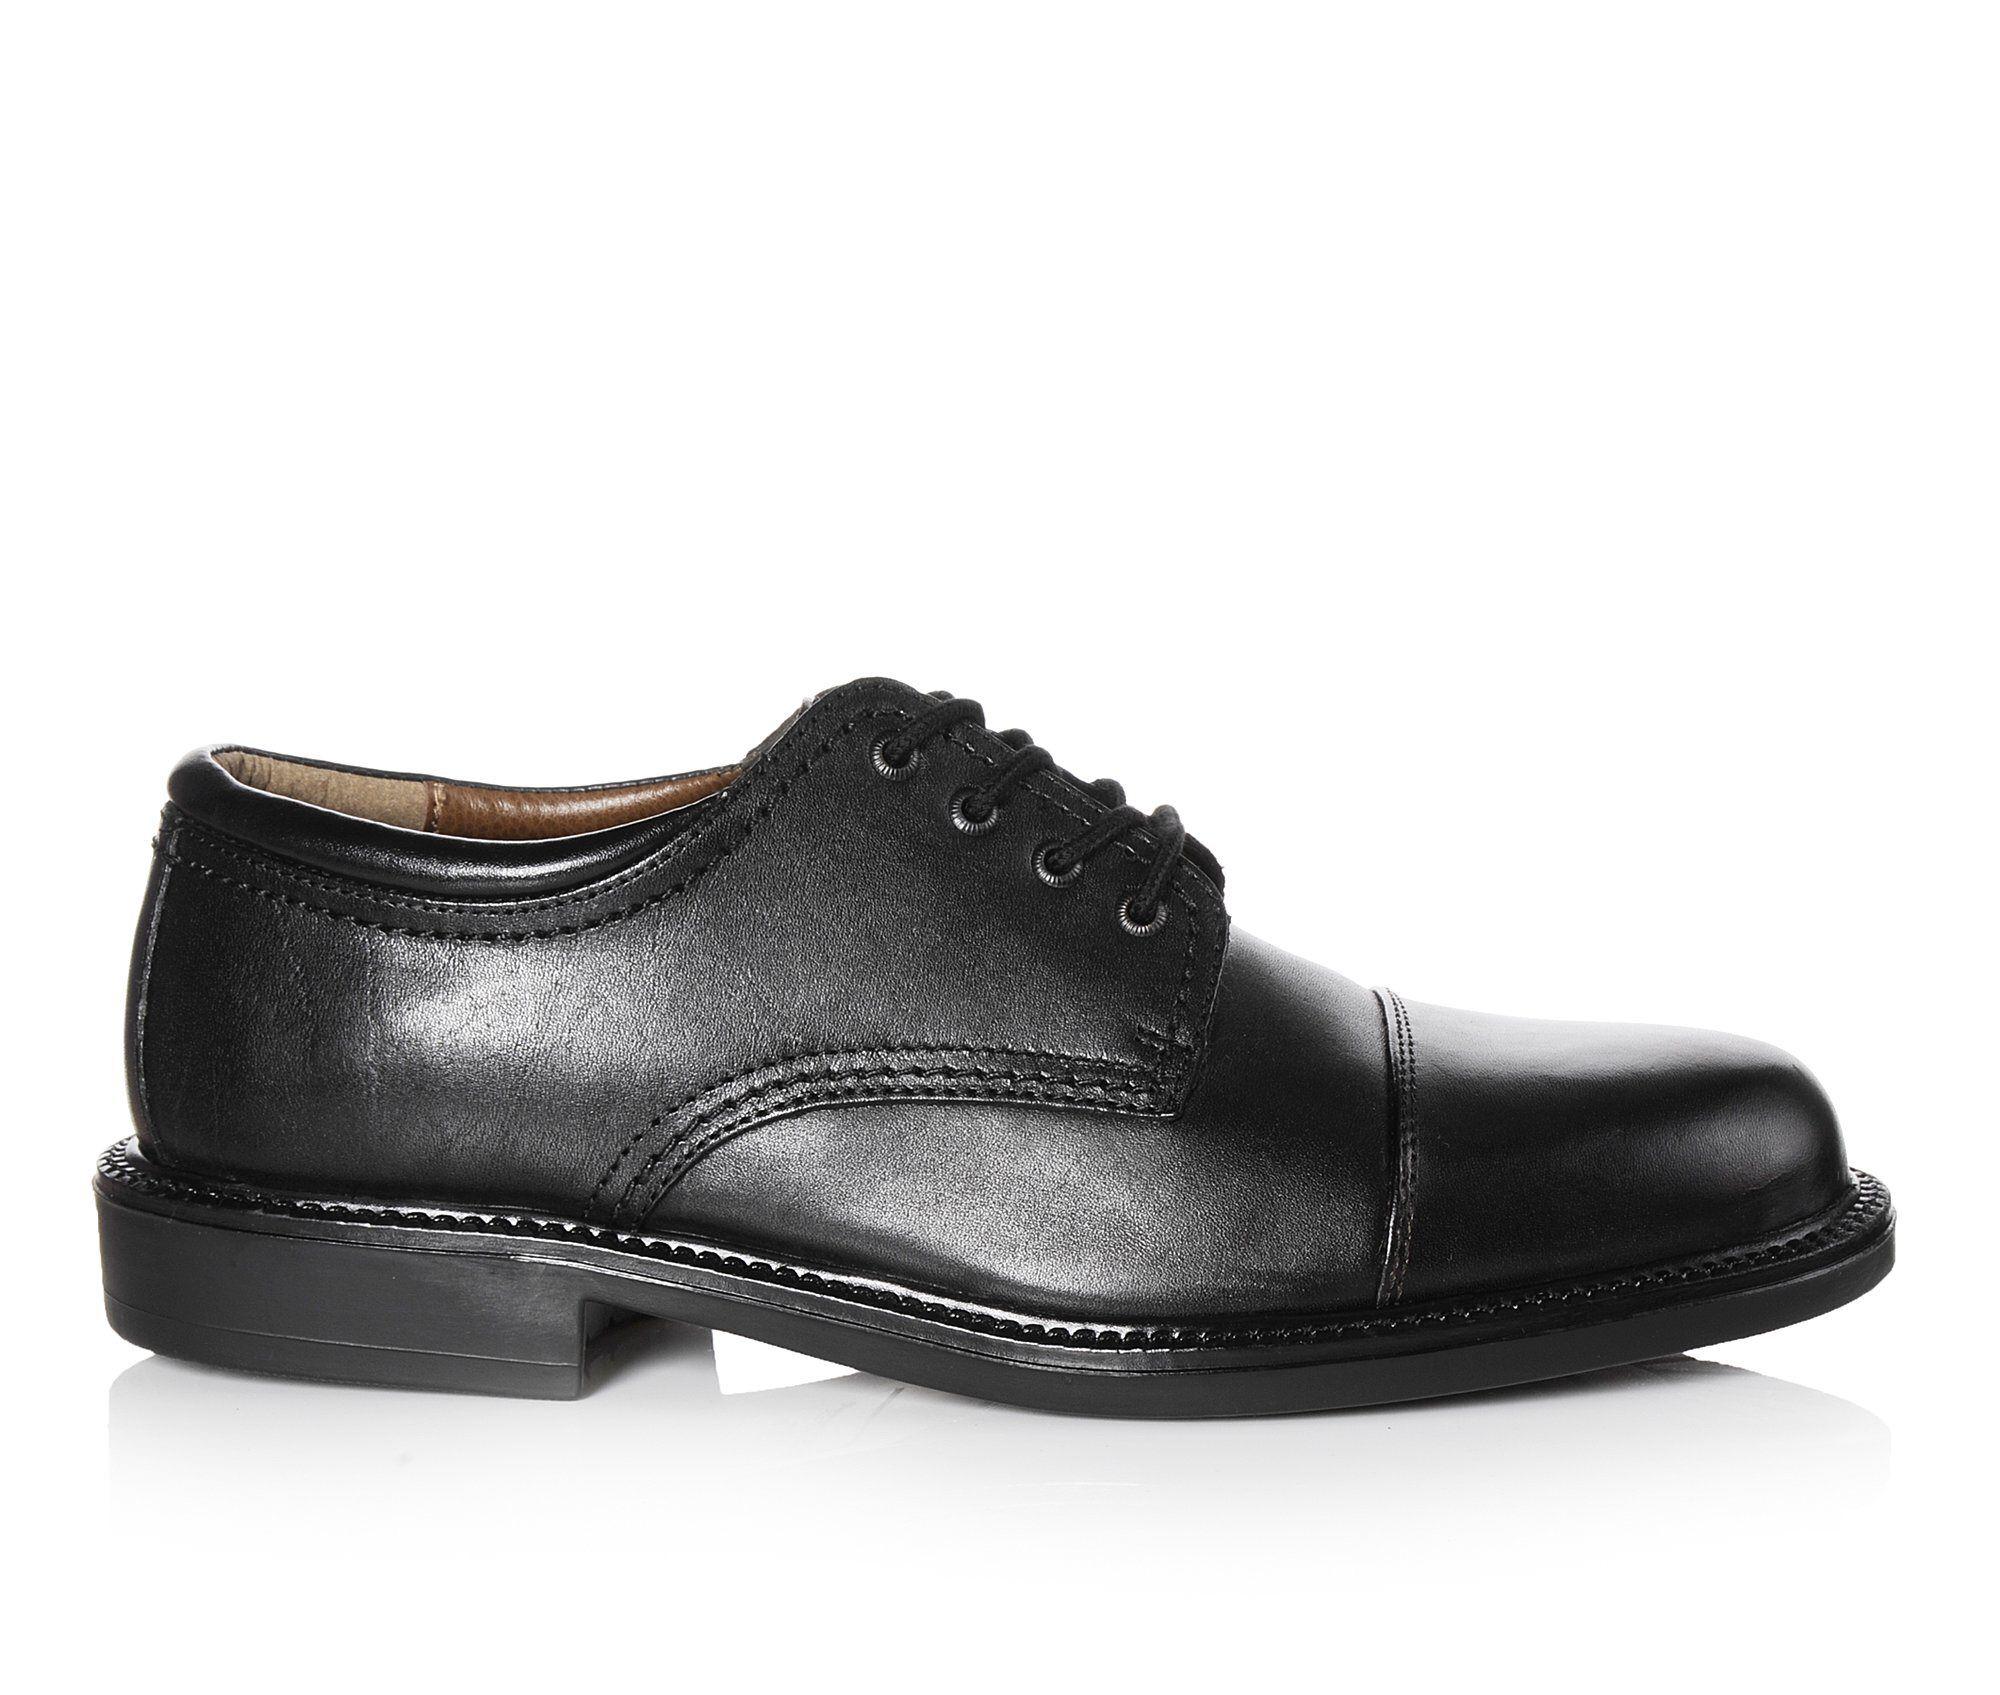 Men's Dockers Gordon Oxford Dress Shoes Black